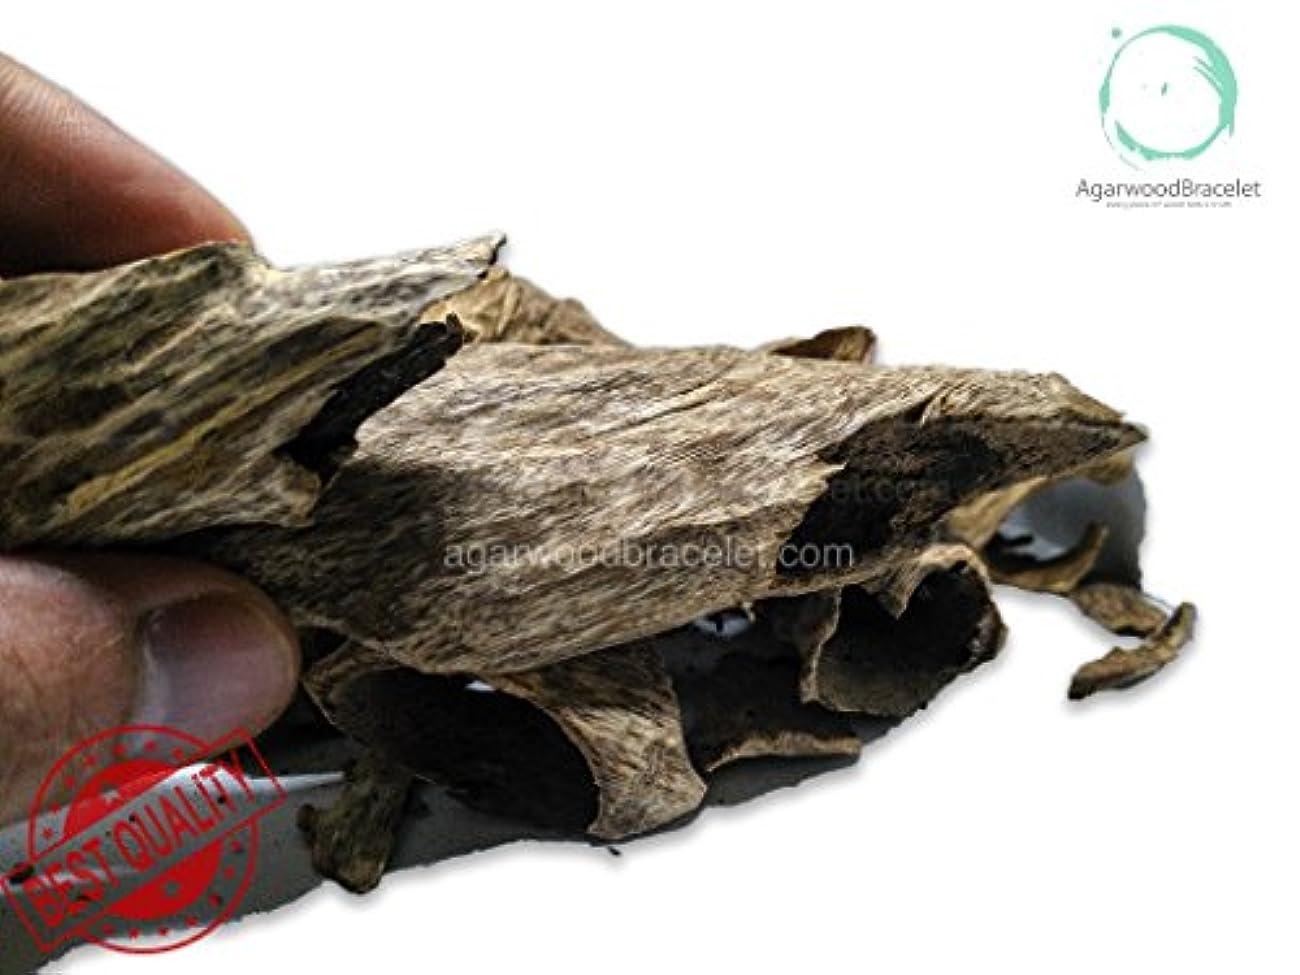 プレゼンテーション経済的ネズミ沈香ブレスレット|高元Natural Wild Agarwood OudチップGrade A + | 200グラム# th52 – 2